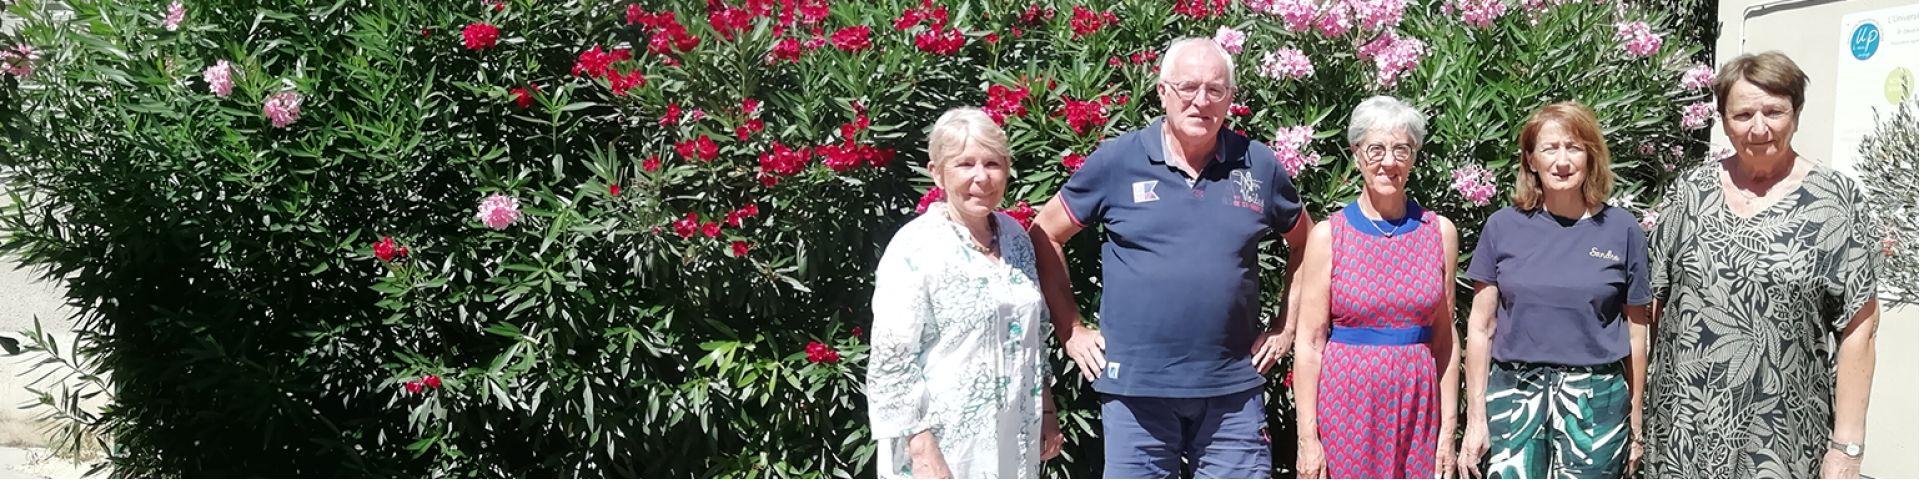 Exposition Égypte ancienne - Musée Granet à Aix-en-Provence